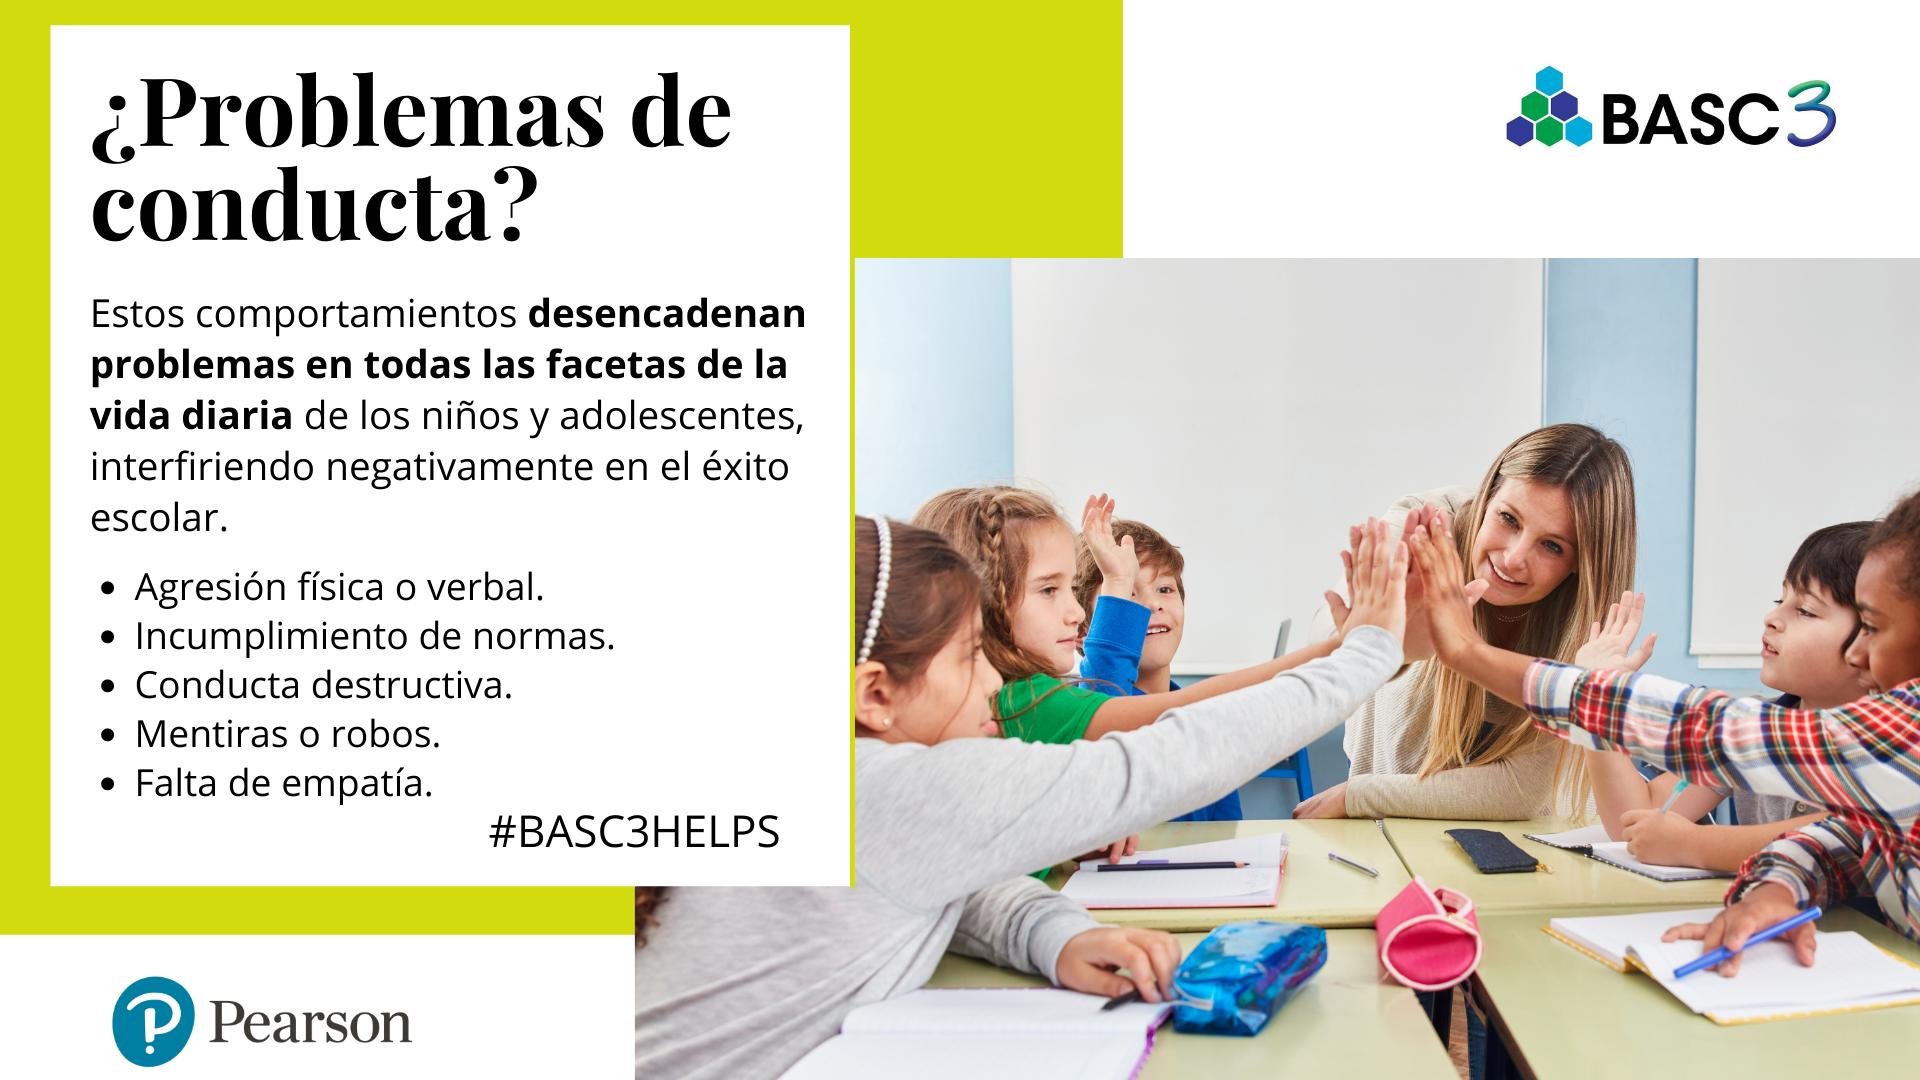 Campa_a_BASC3_problemas_de_conducta